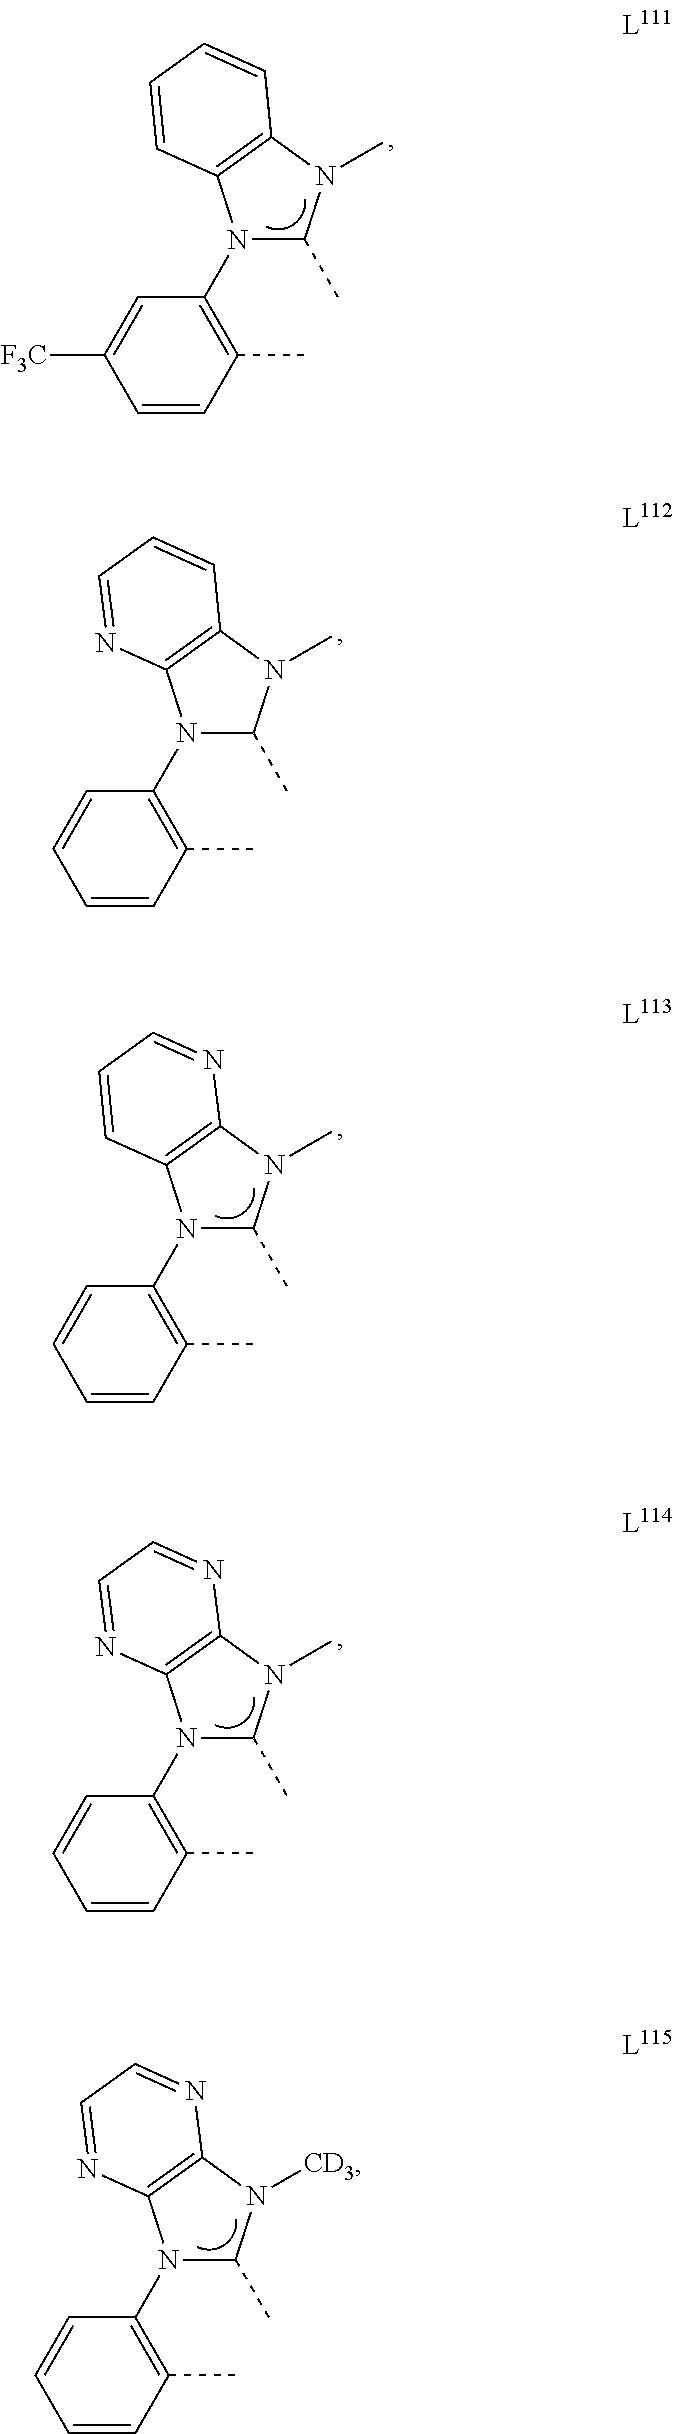 Figure US09306179-20160405-C00009